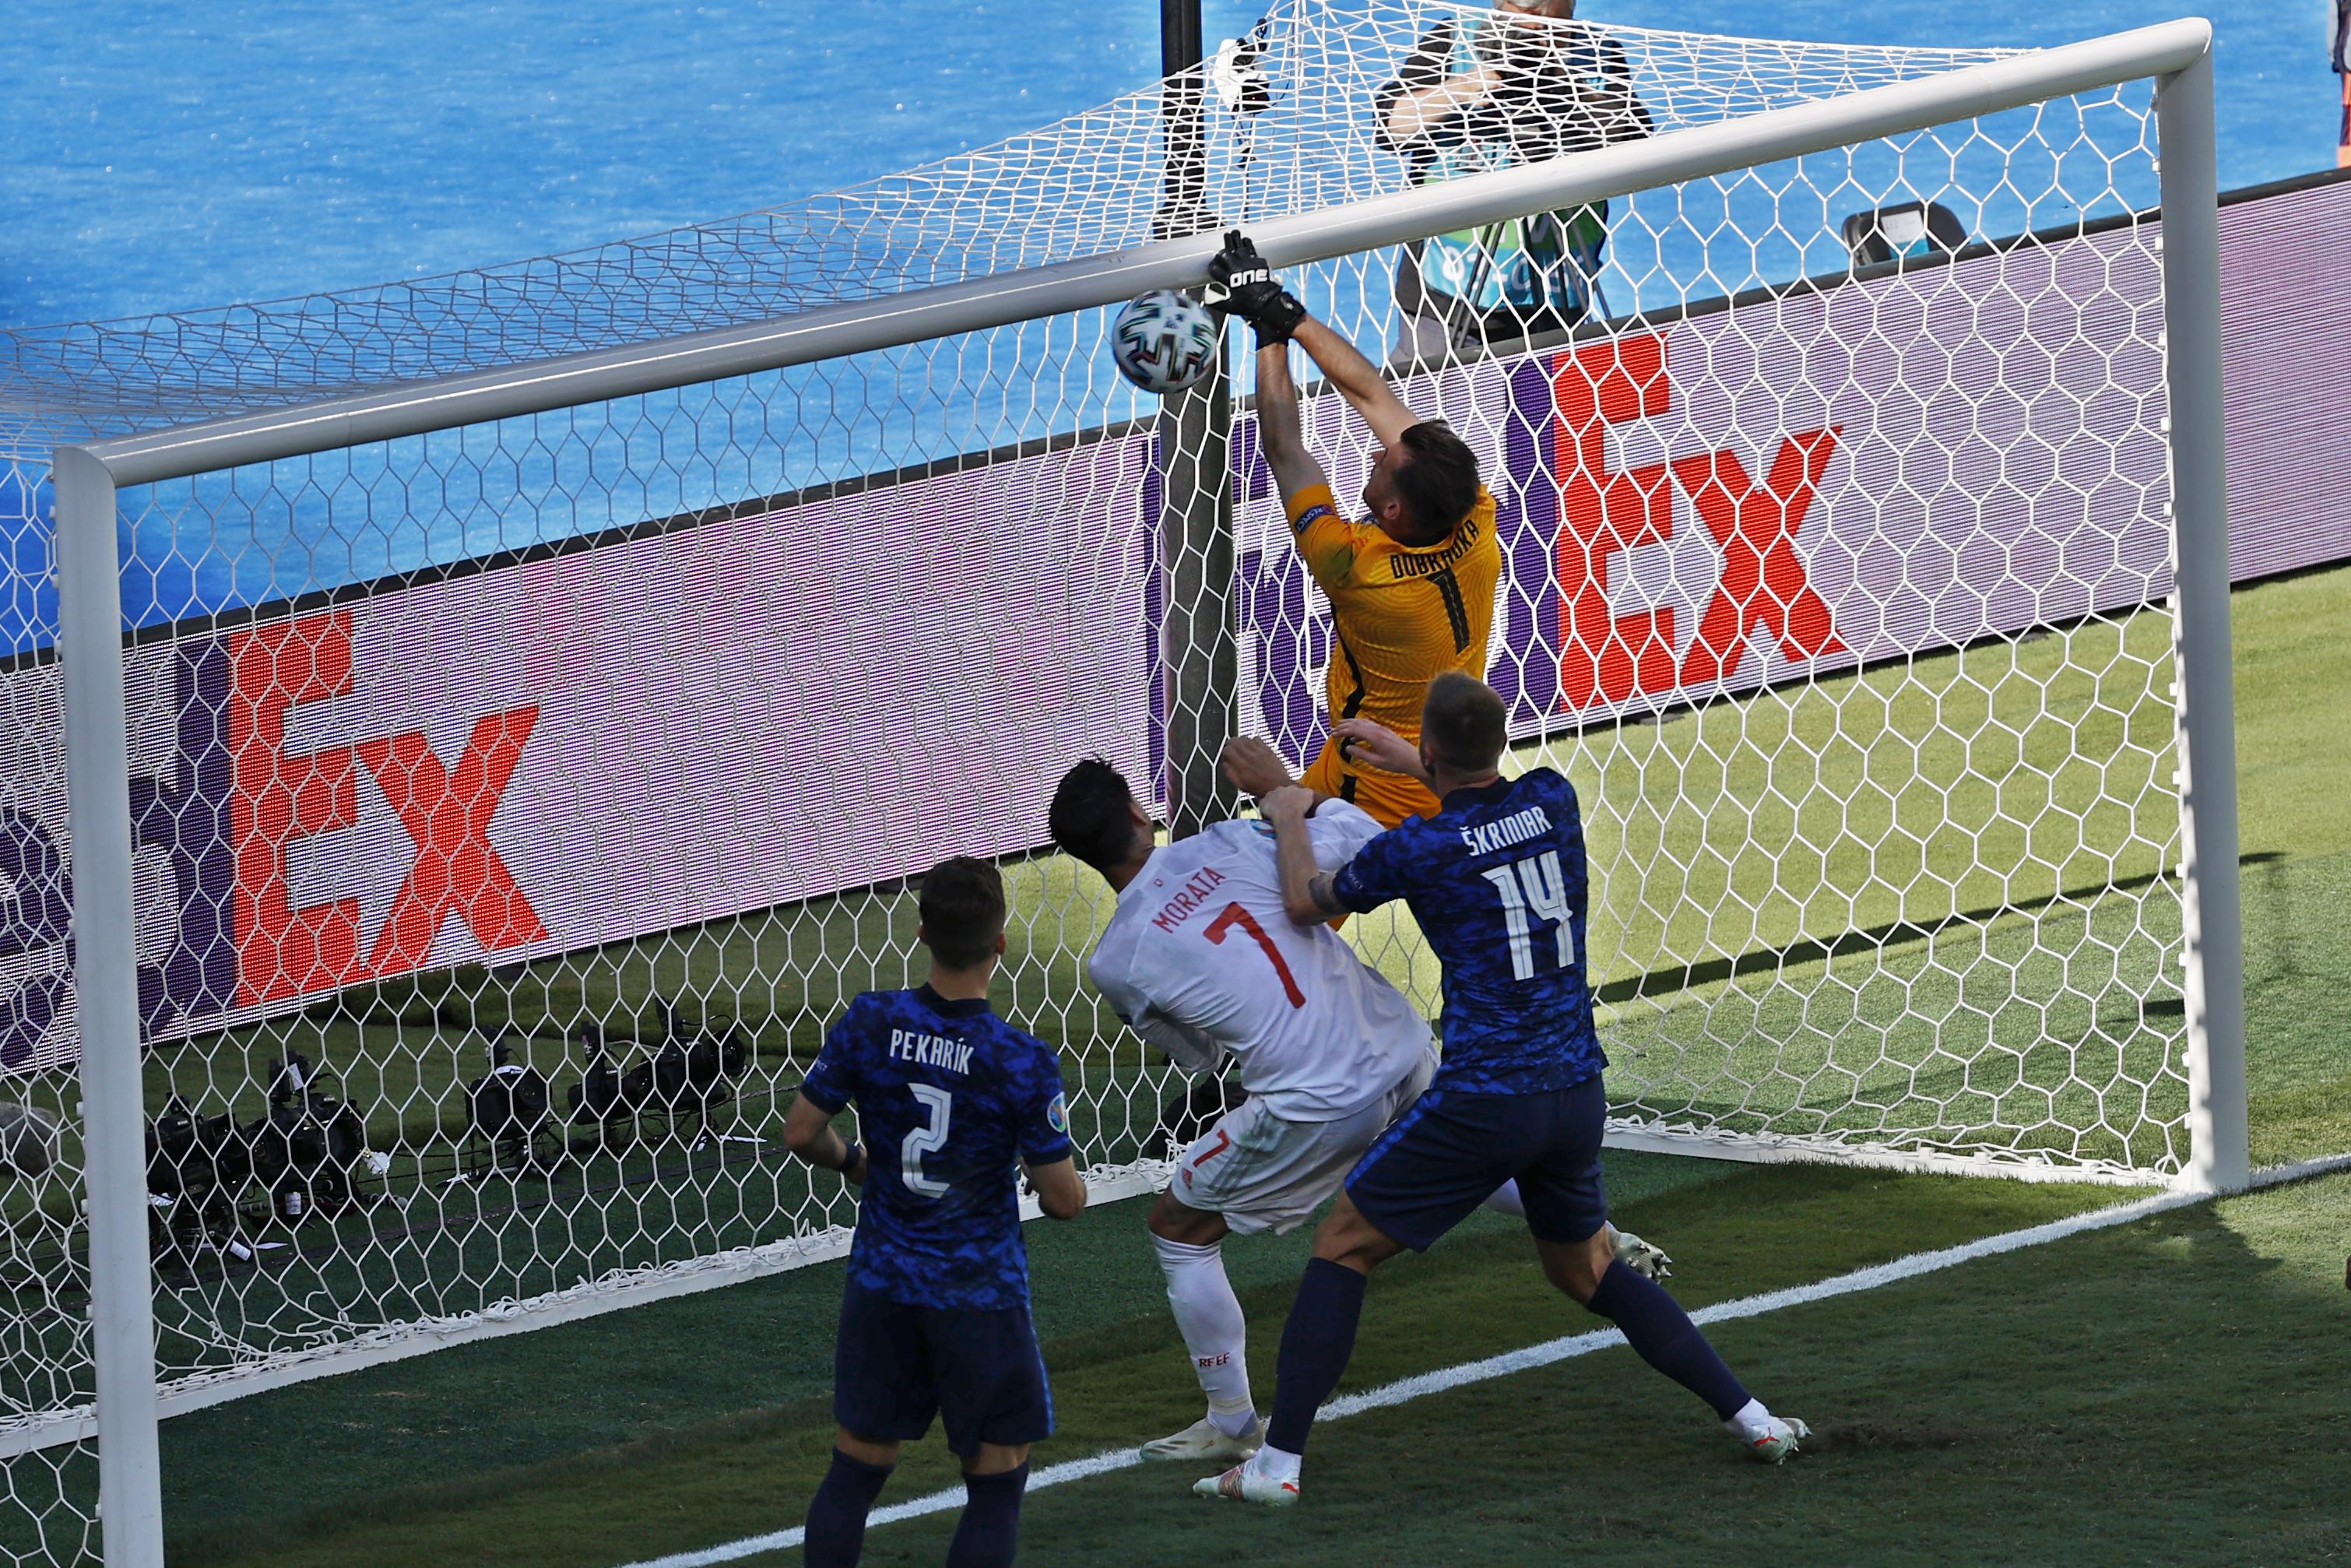 Dubravka mete en su propia meta el primer gol de Espa